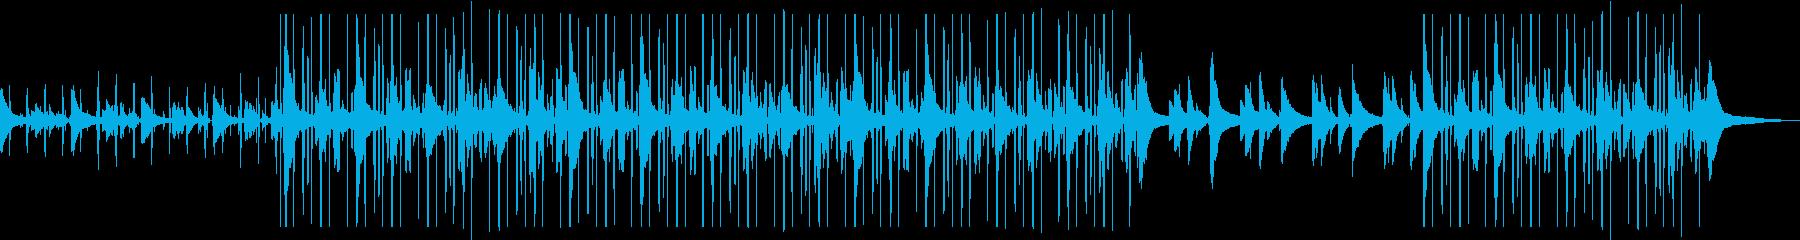 しっとりピアノlofi Hip Hopの再生済みの波形